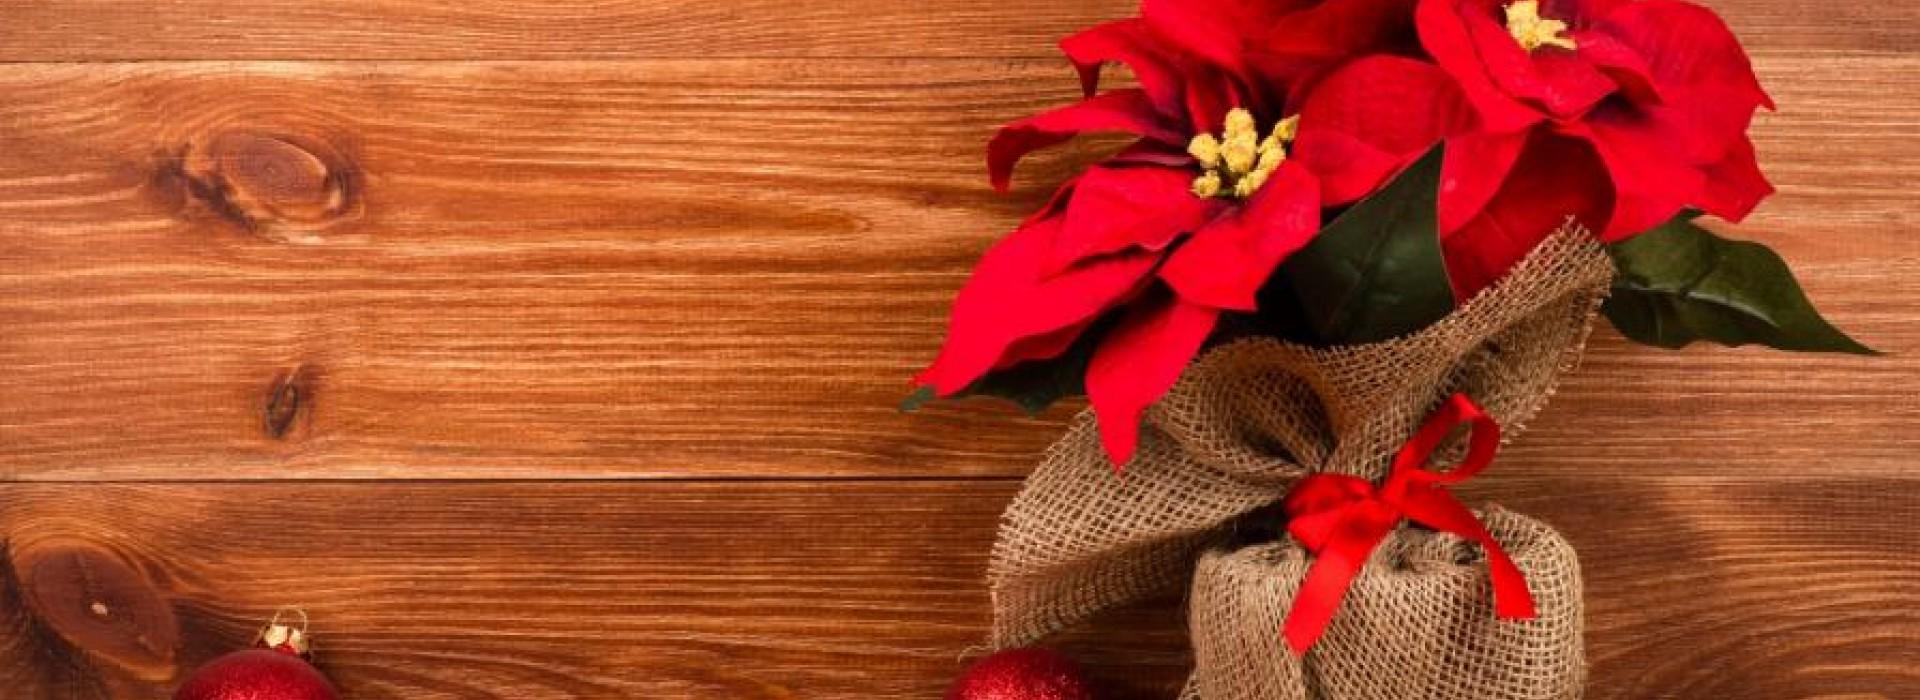 Коледната звезда - символ на празнично настроение